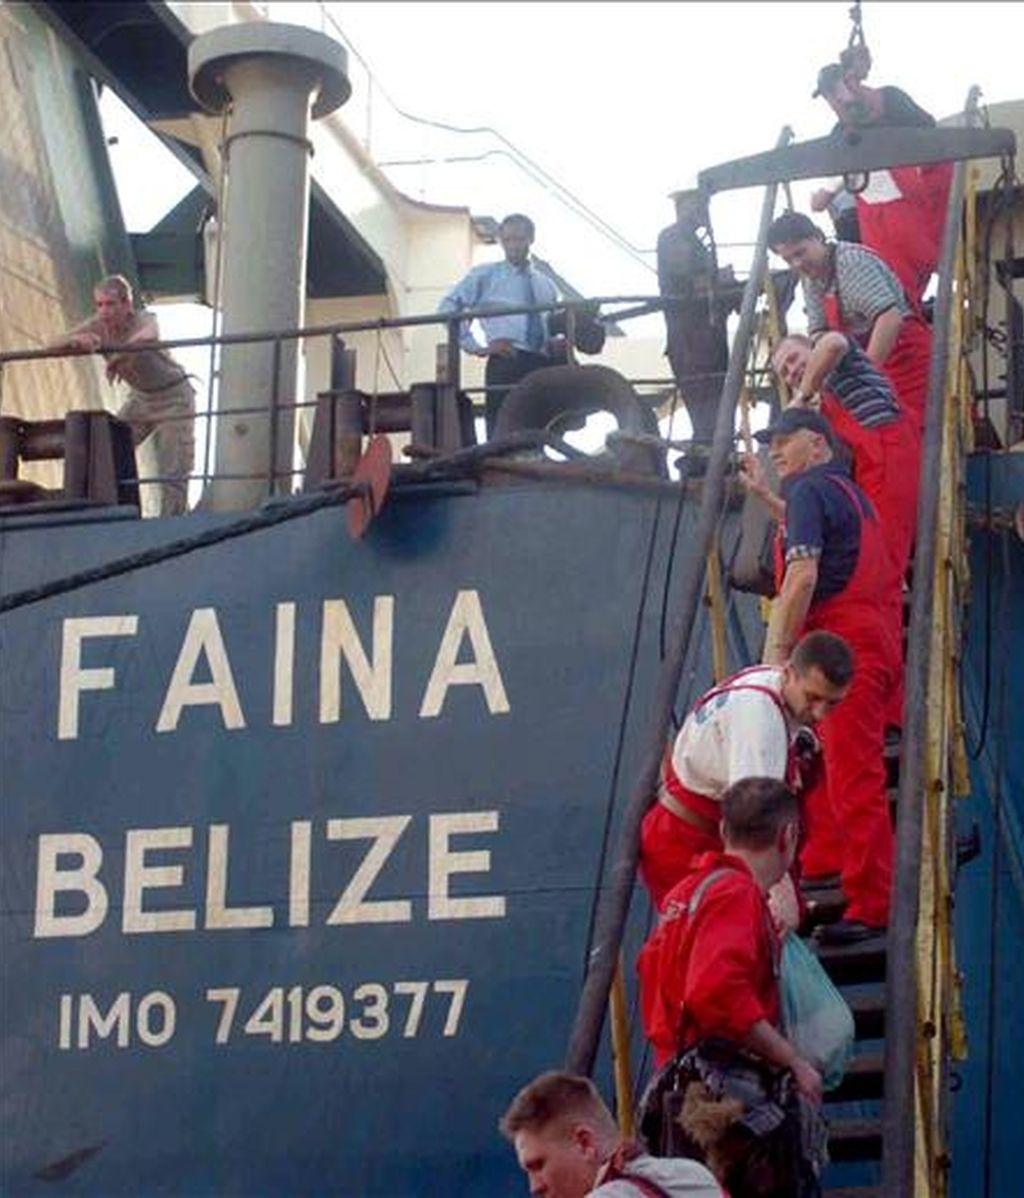 La tripulación del carguero ucraniano Faina, que fue secuestrado en las costas de Somalia y liberado tras pagar a los piratas un rescate de 3,2 millones de dólares, desembarcan en el puerto de Mombasa (Kenia), el 12 de febrero pasado. EFE/Archivo